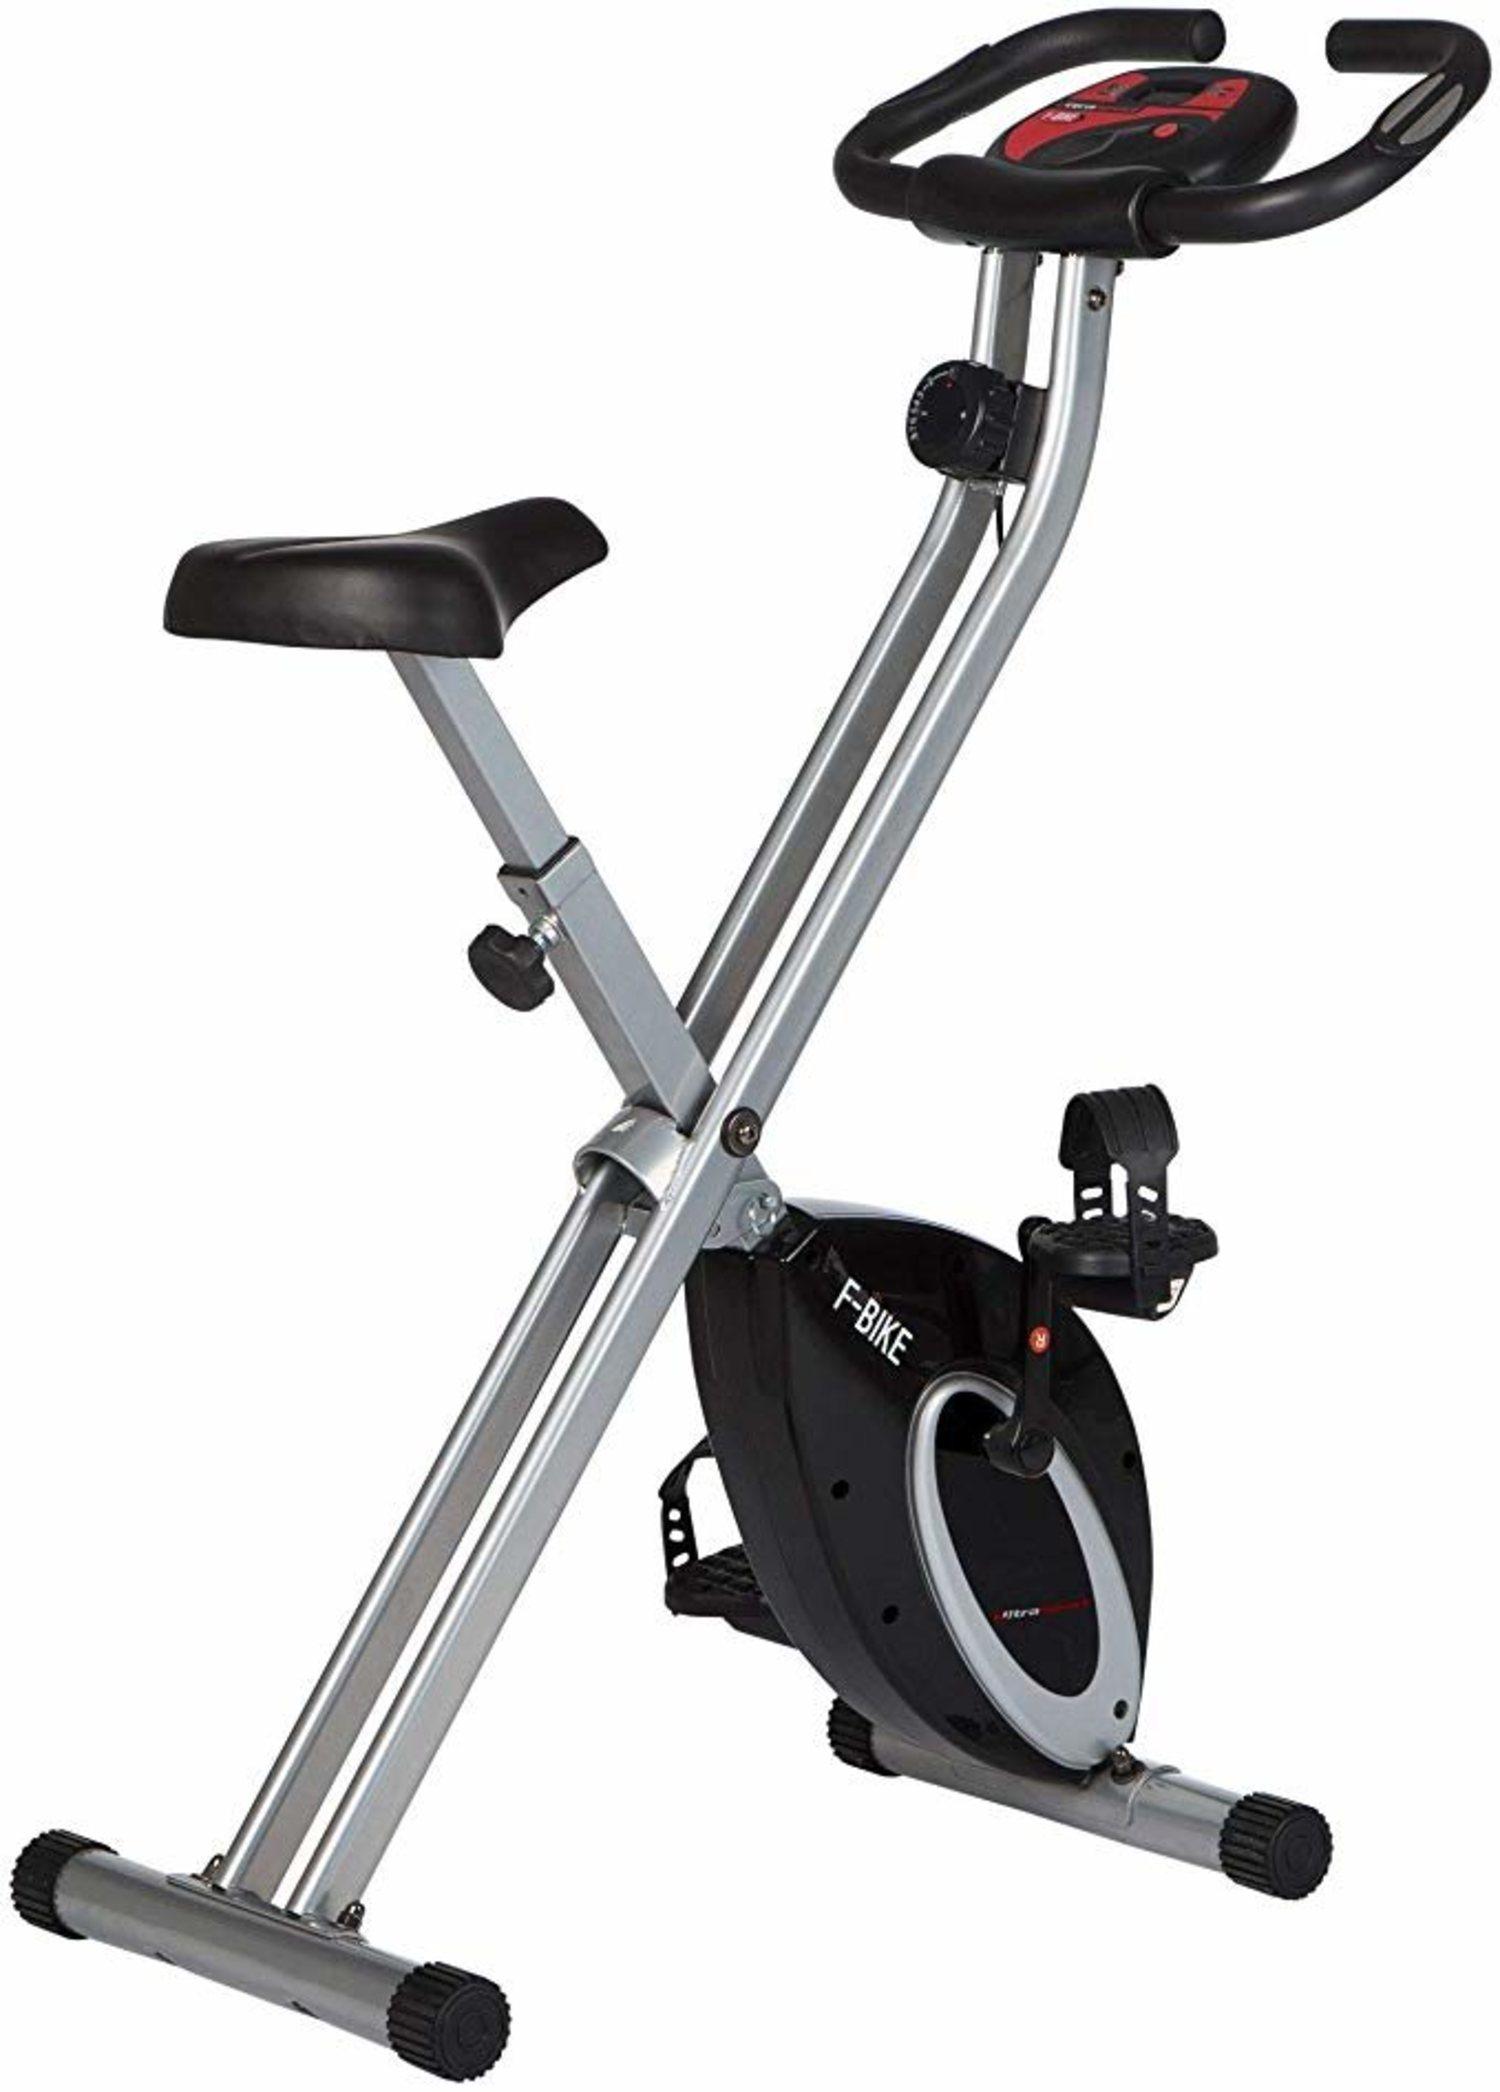 Bicicleta estática plegable Ultrasport para un ejercicio completo en casa sin ocupar mucho espacio.